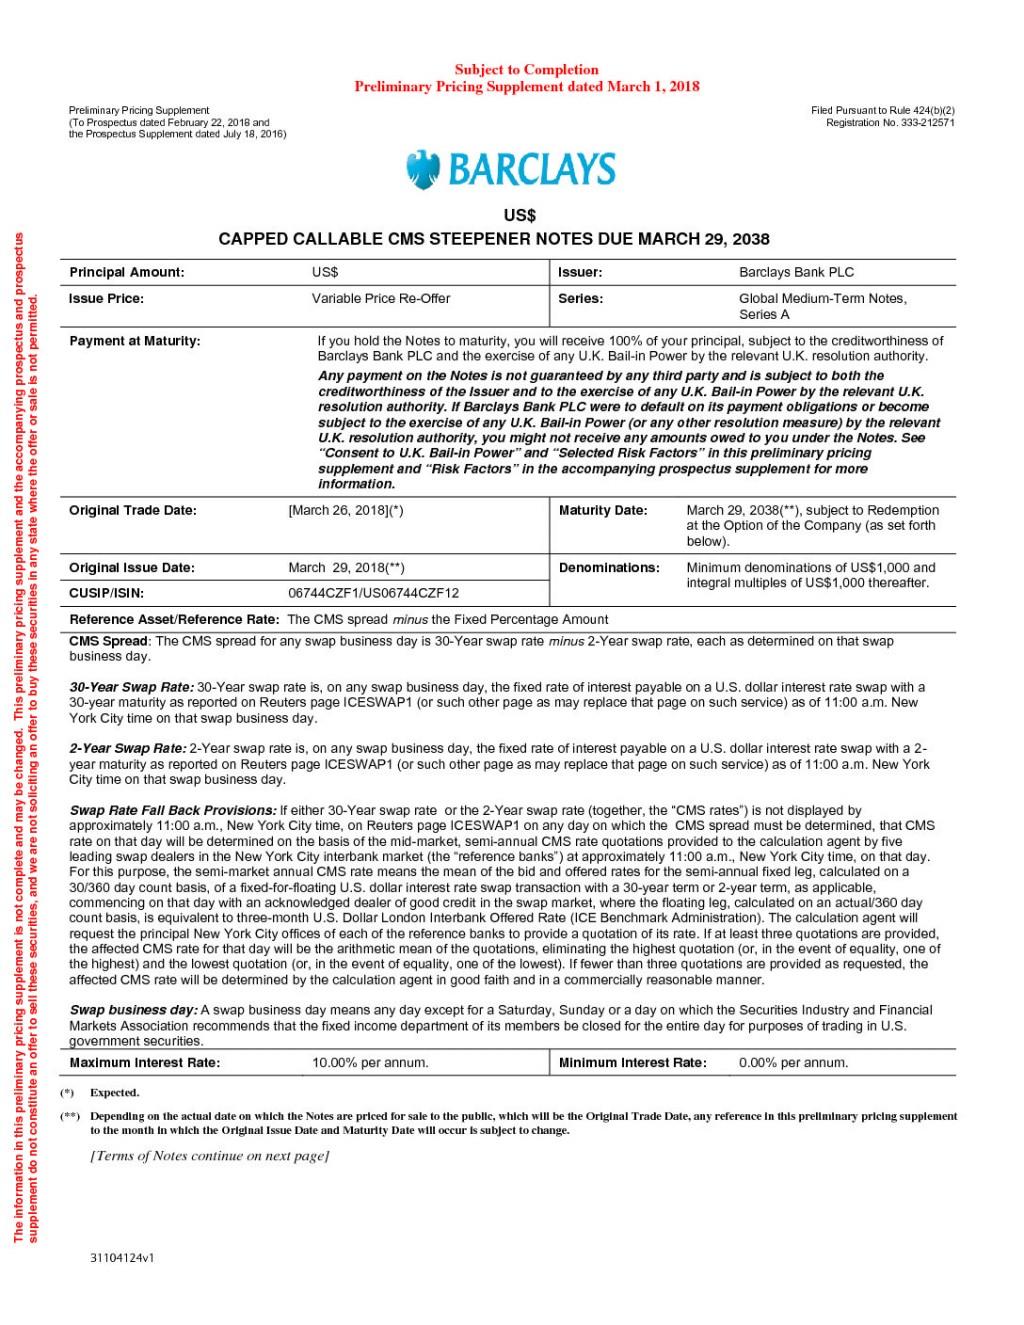 017 Essay Paragraph Starters Barclays Pdf Excellent Sentence Spanish Gcse Large